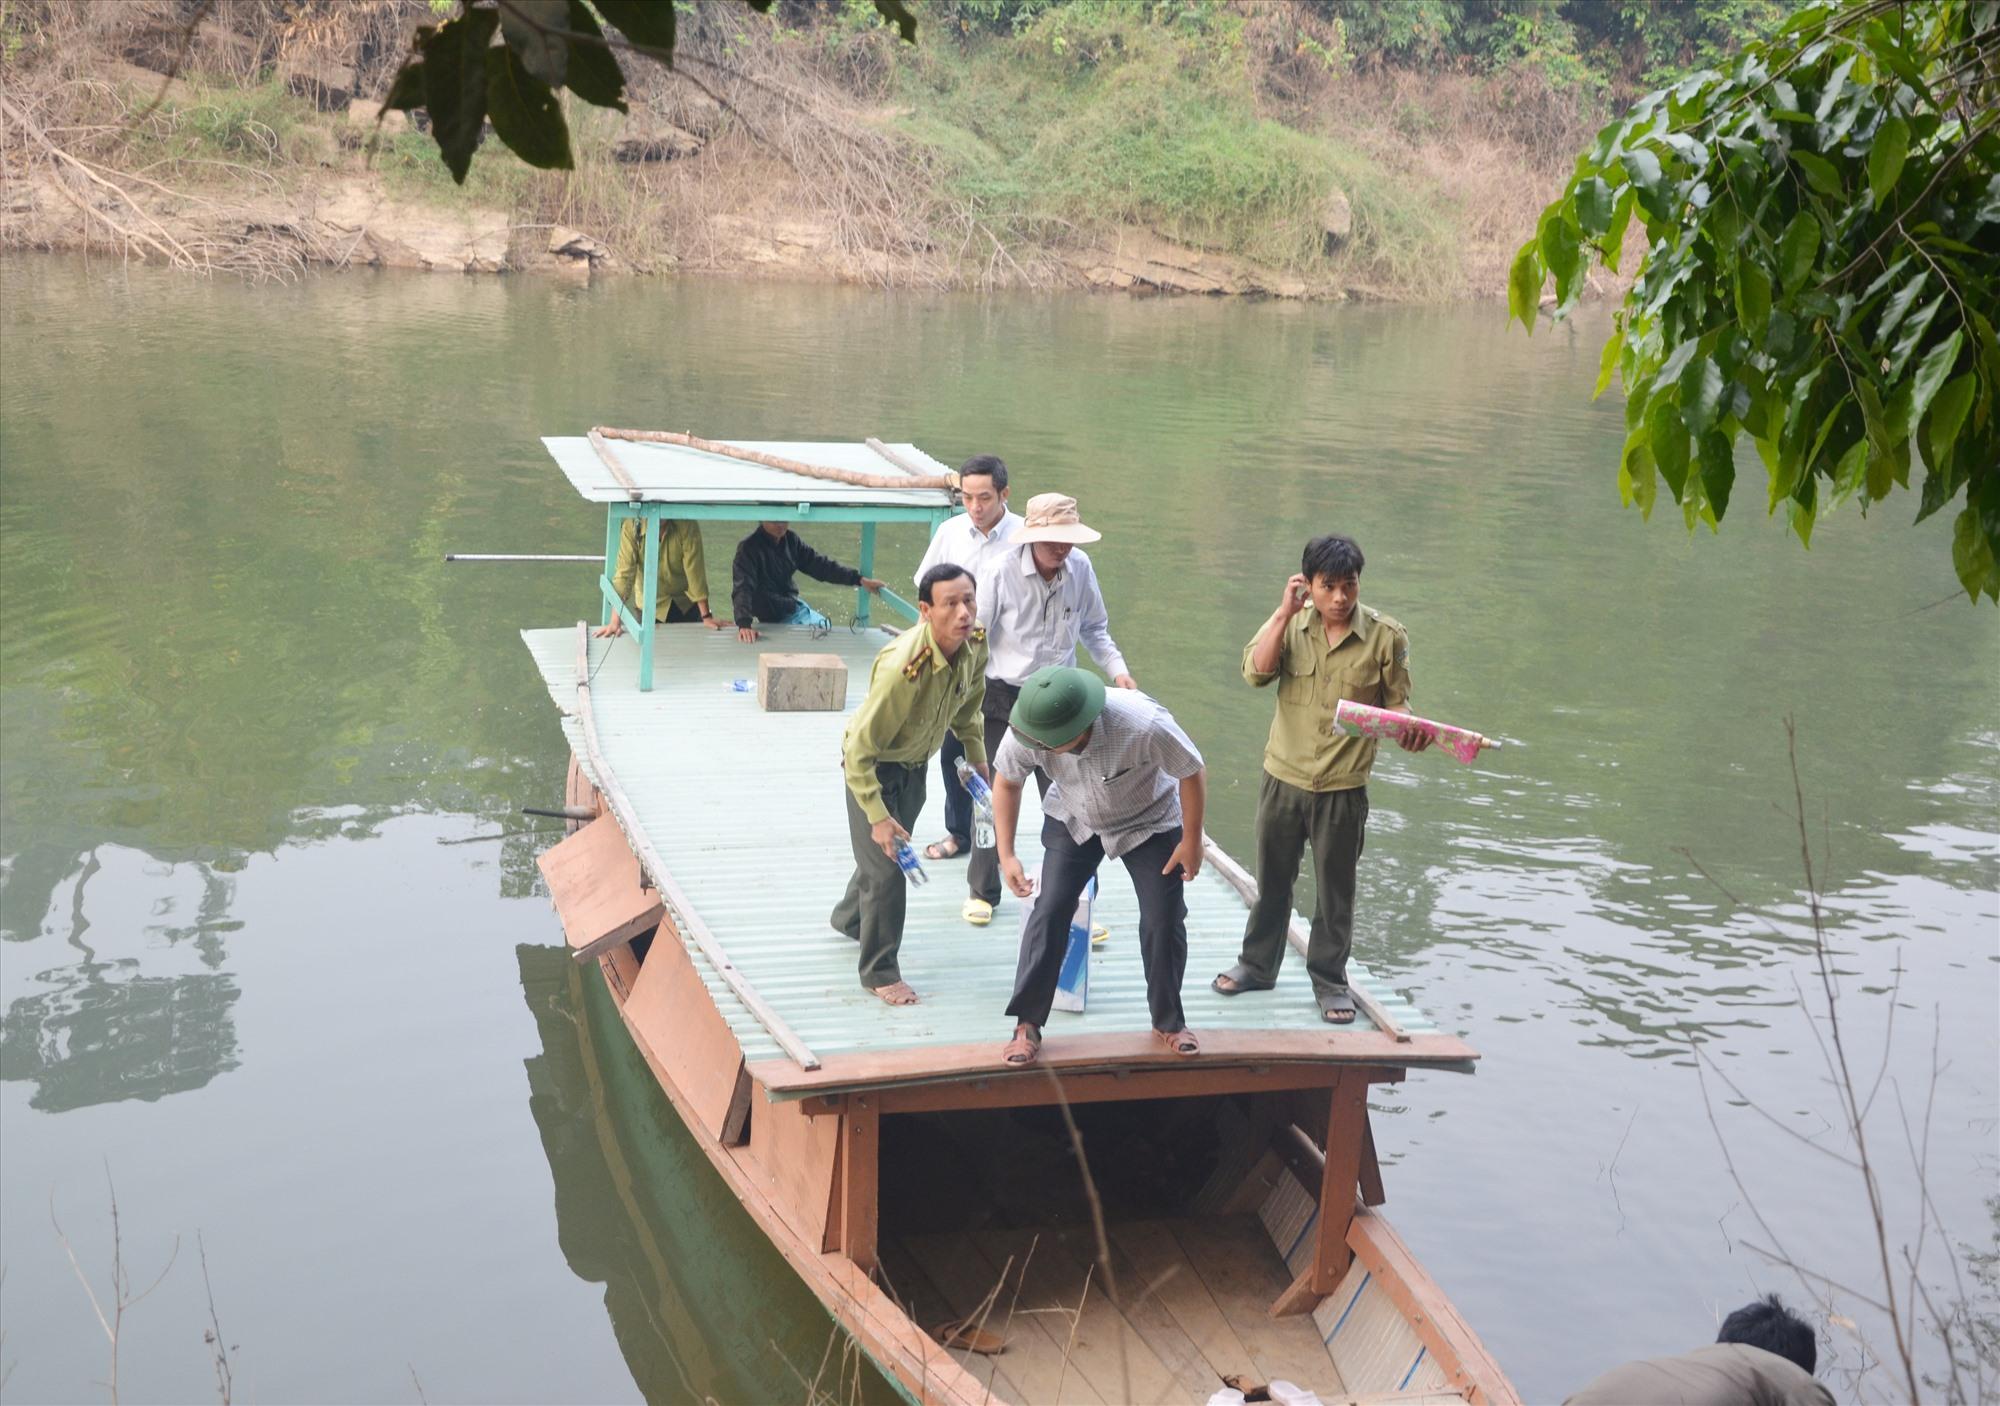 Lực lượng chức năng tuần tra bảo vệ rừng vùng lưu vực thủy điện Đắk Mi 4, Phước Sơn. Ảnh: H.P